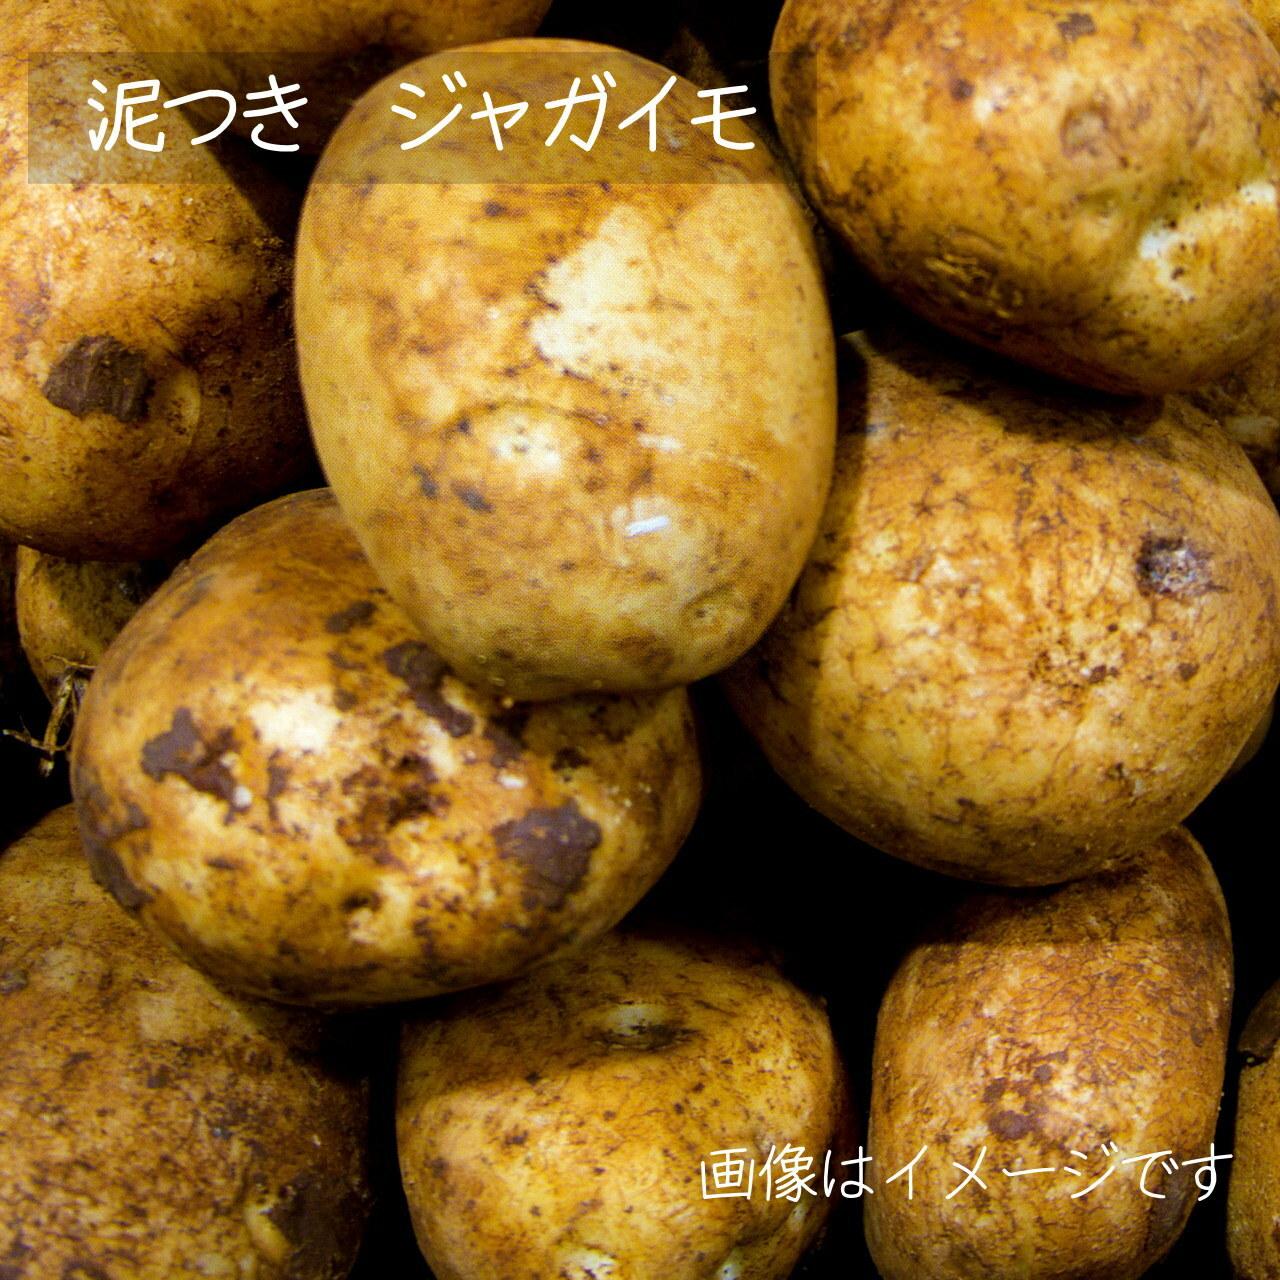 8月の朝採り直売野菜 : ジャガイモ 約600g 新鮮な夏野菜 8月22日発送予定